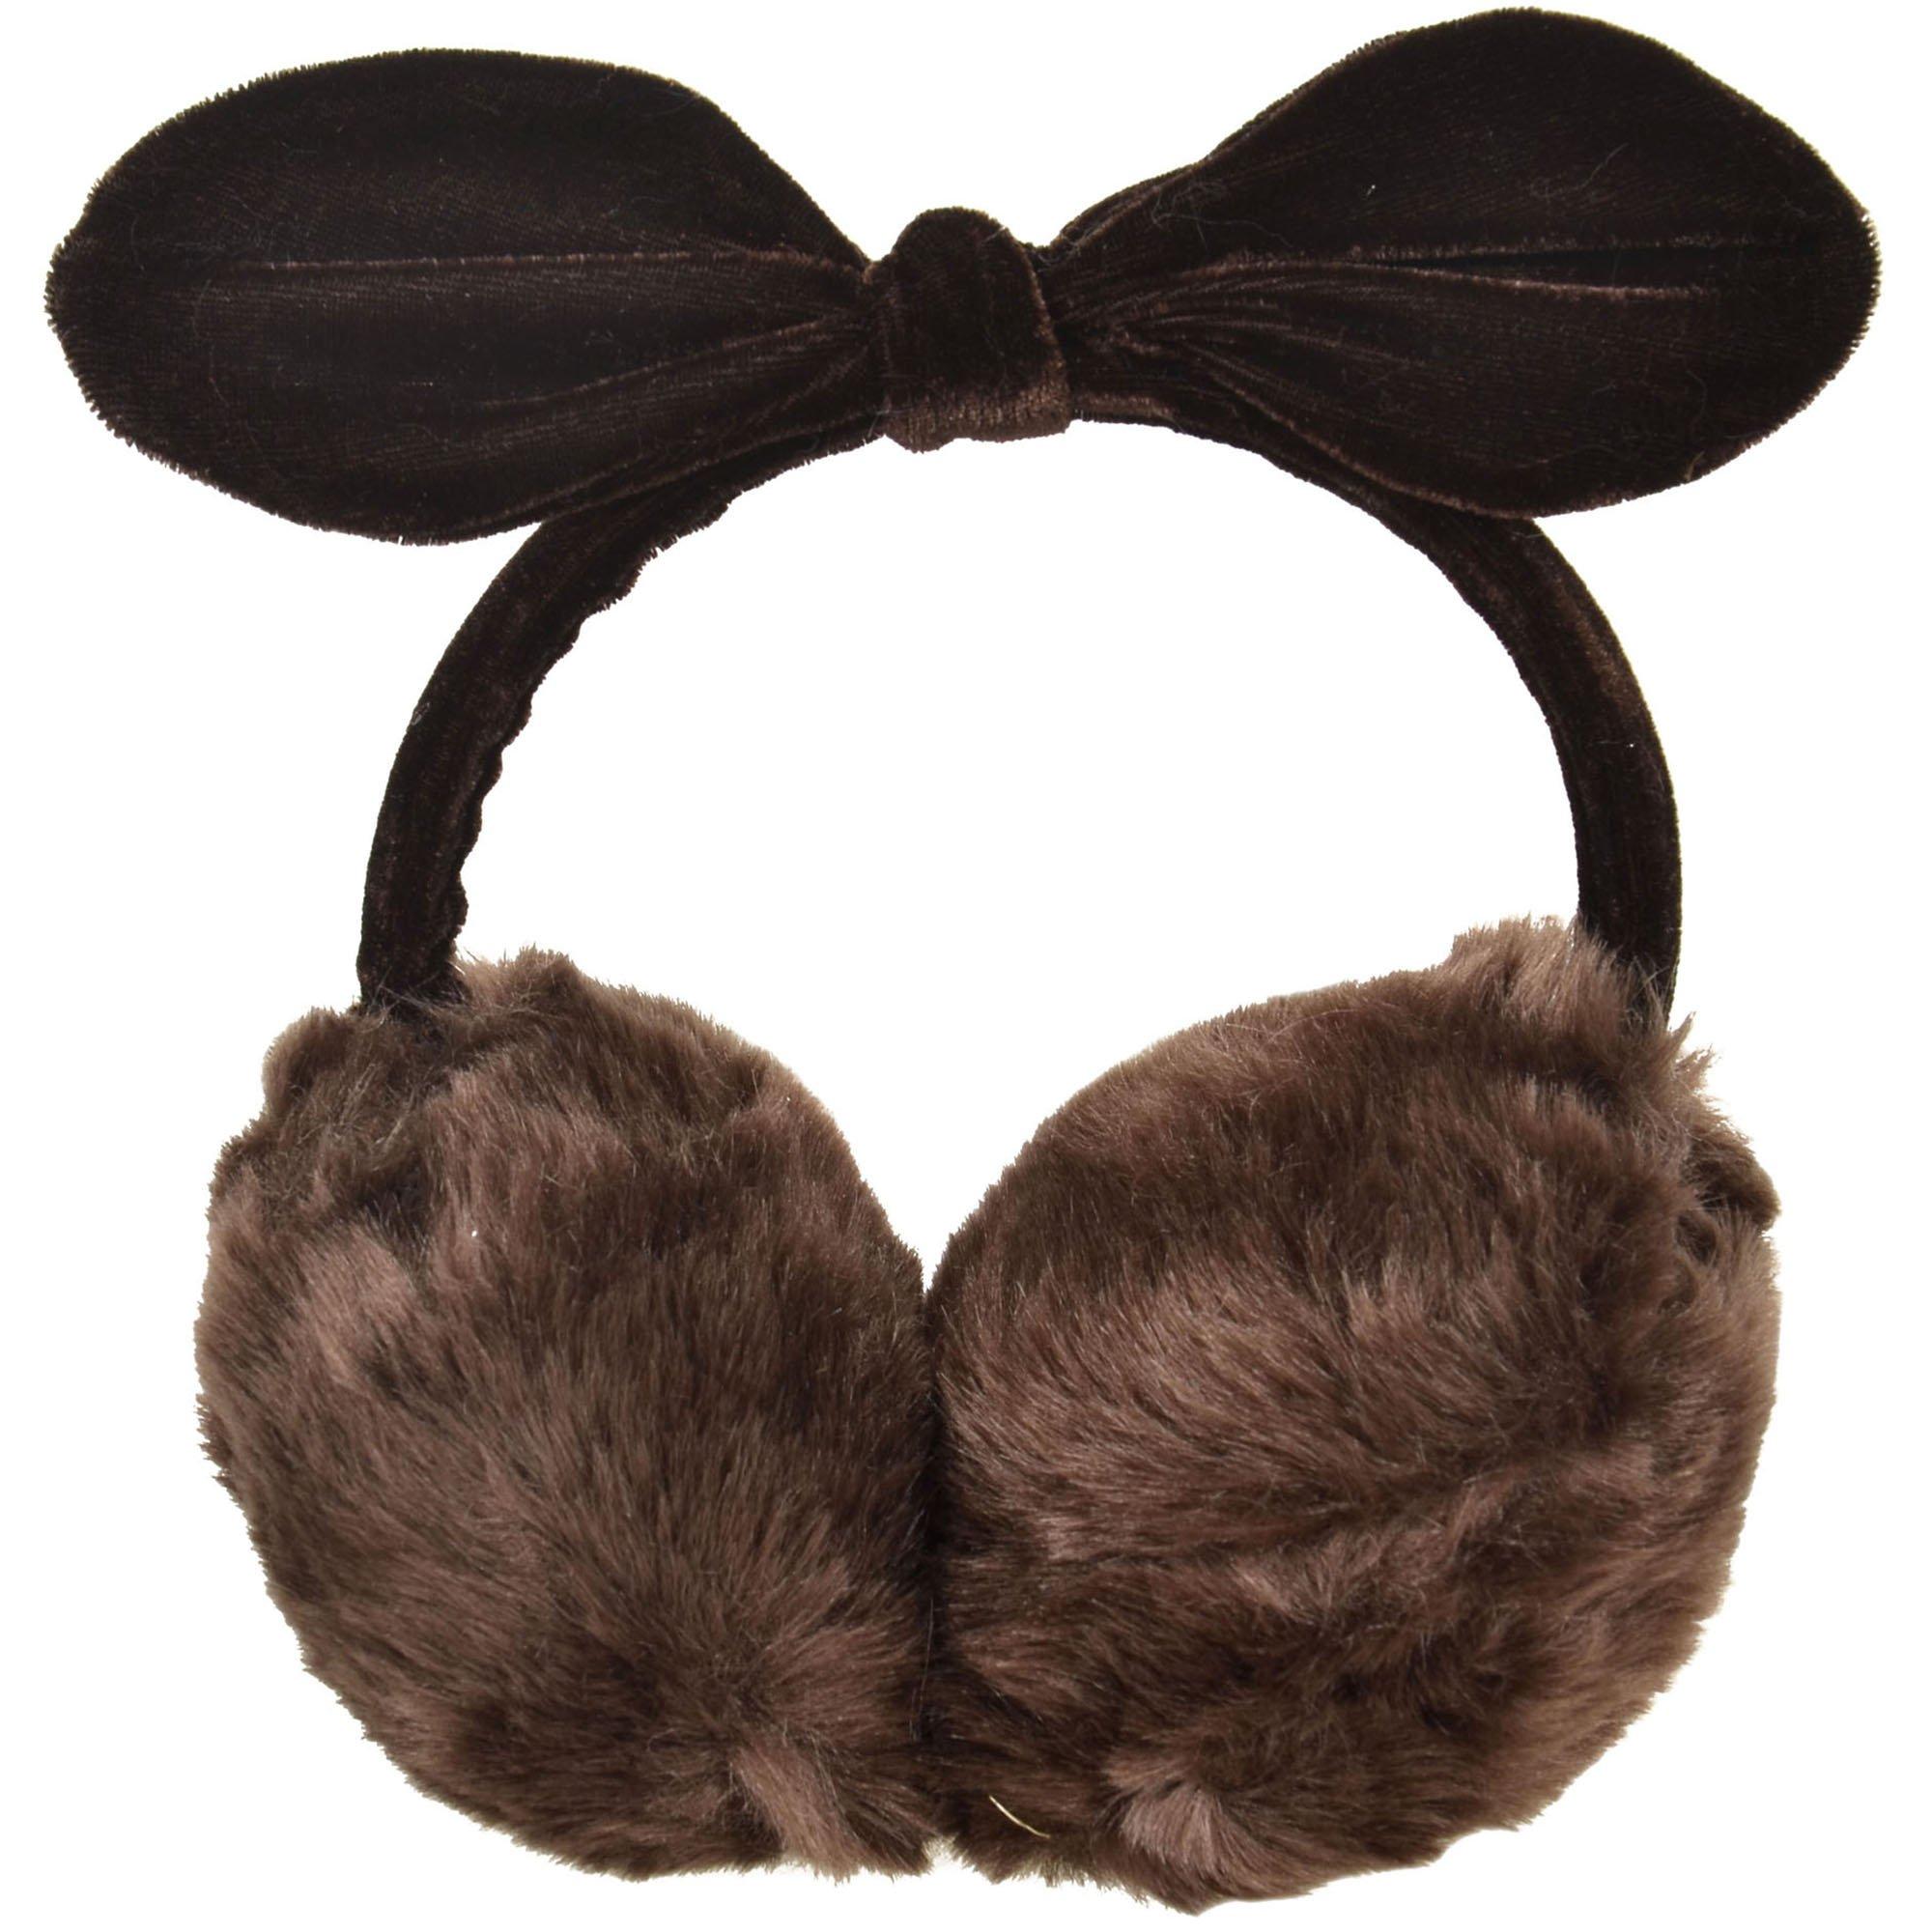 Simplicity Women's Faux Fur Fleece Ear Warmers Ear Muffs Fleece Bow, Coffee